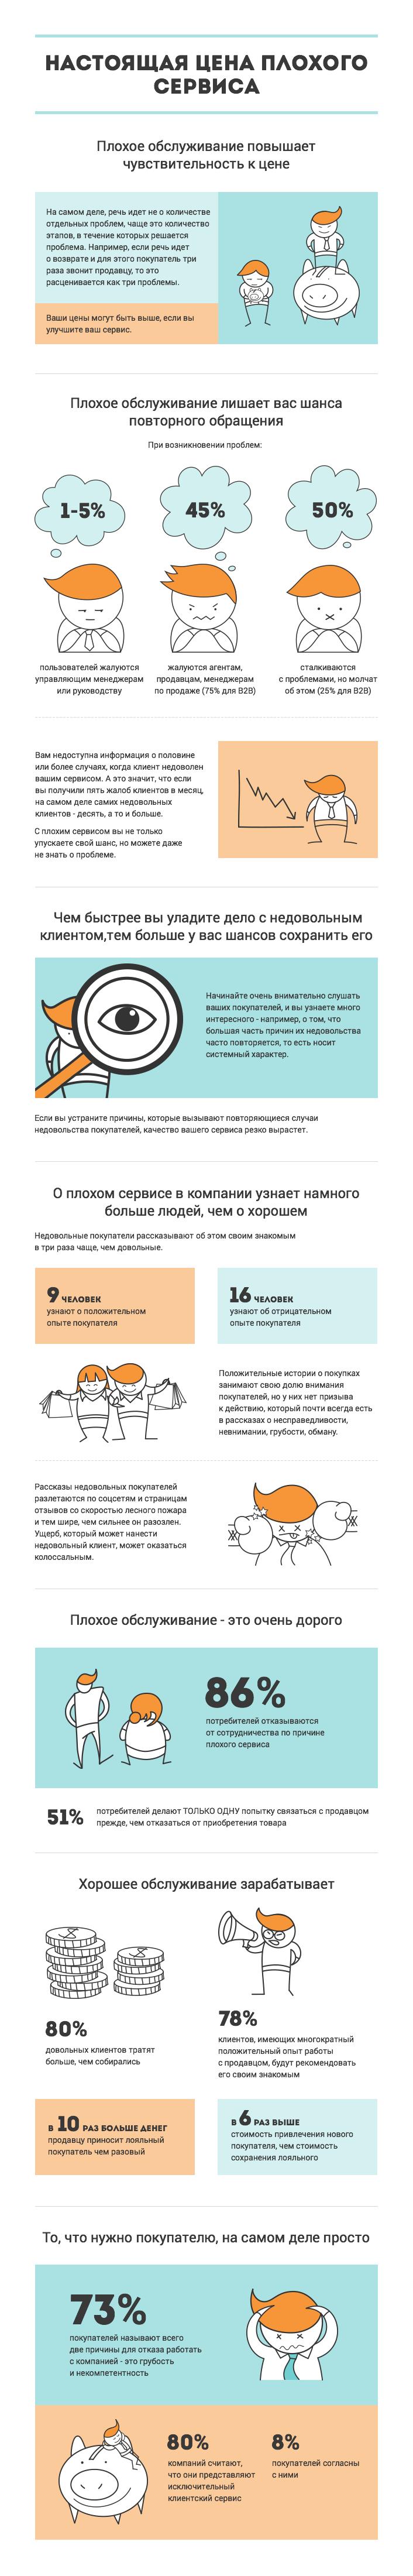 info_evo